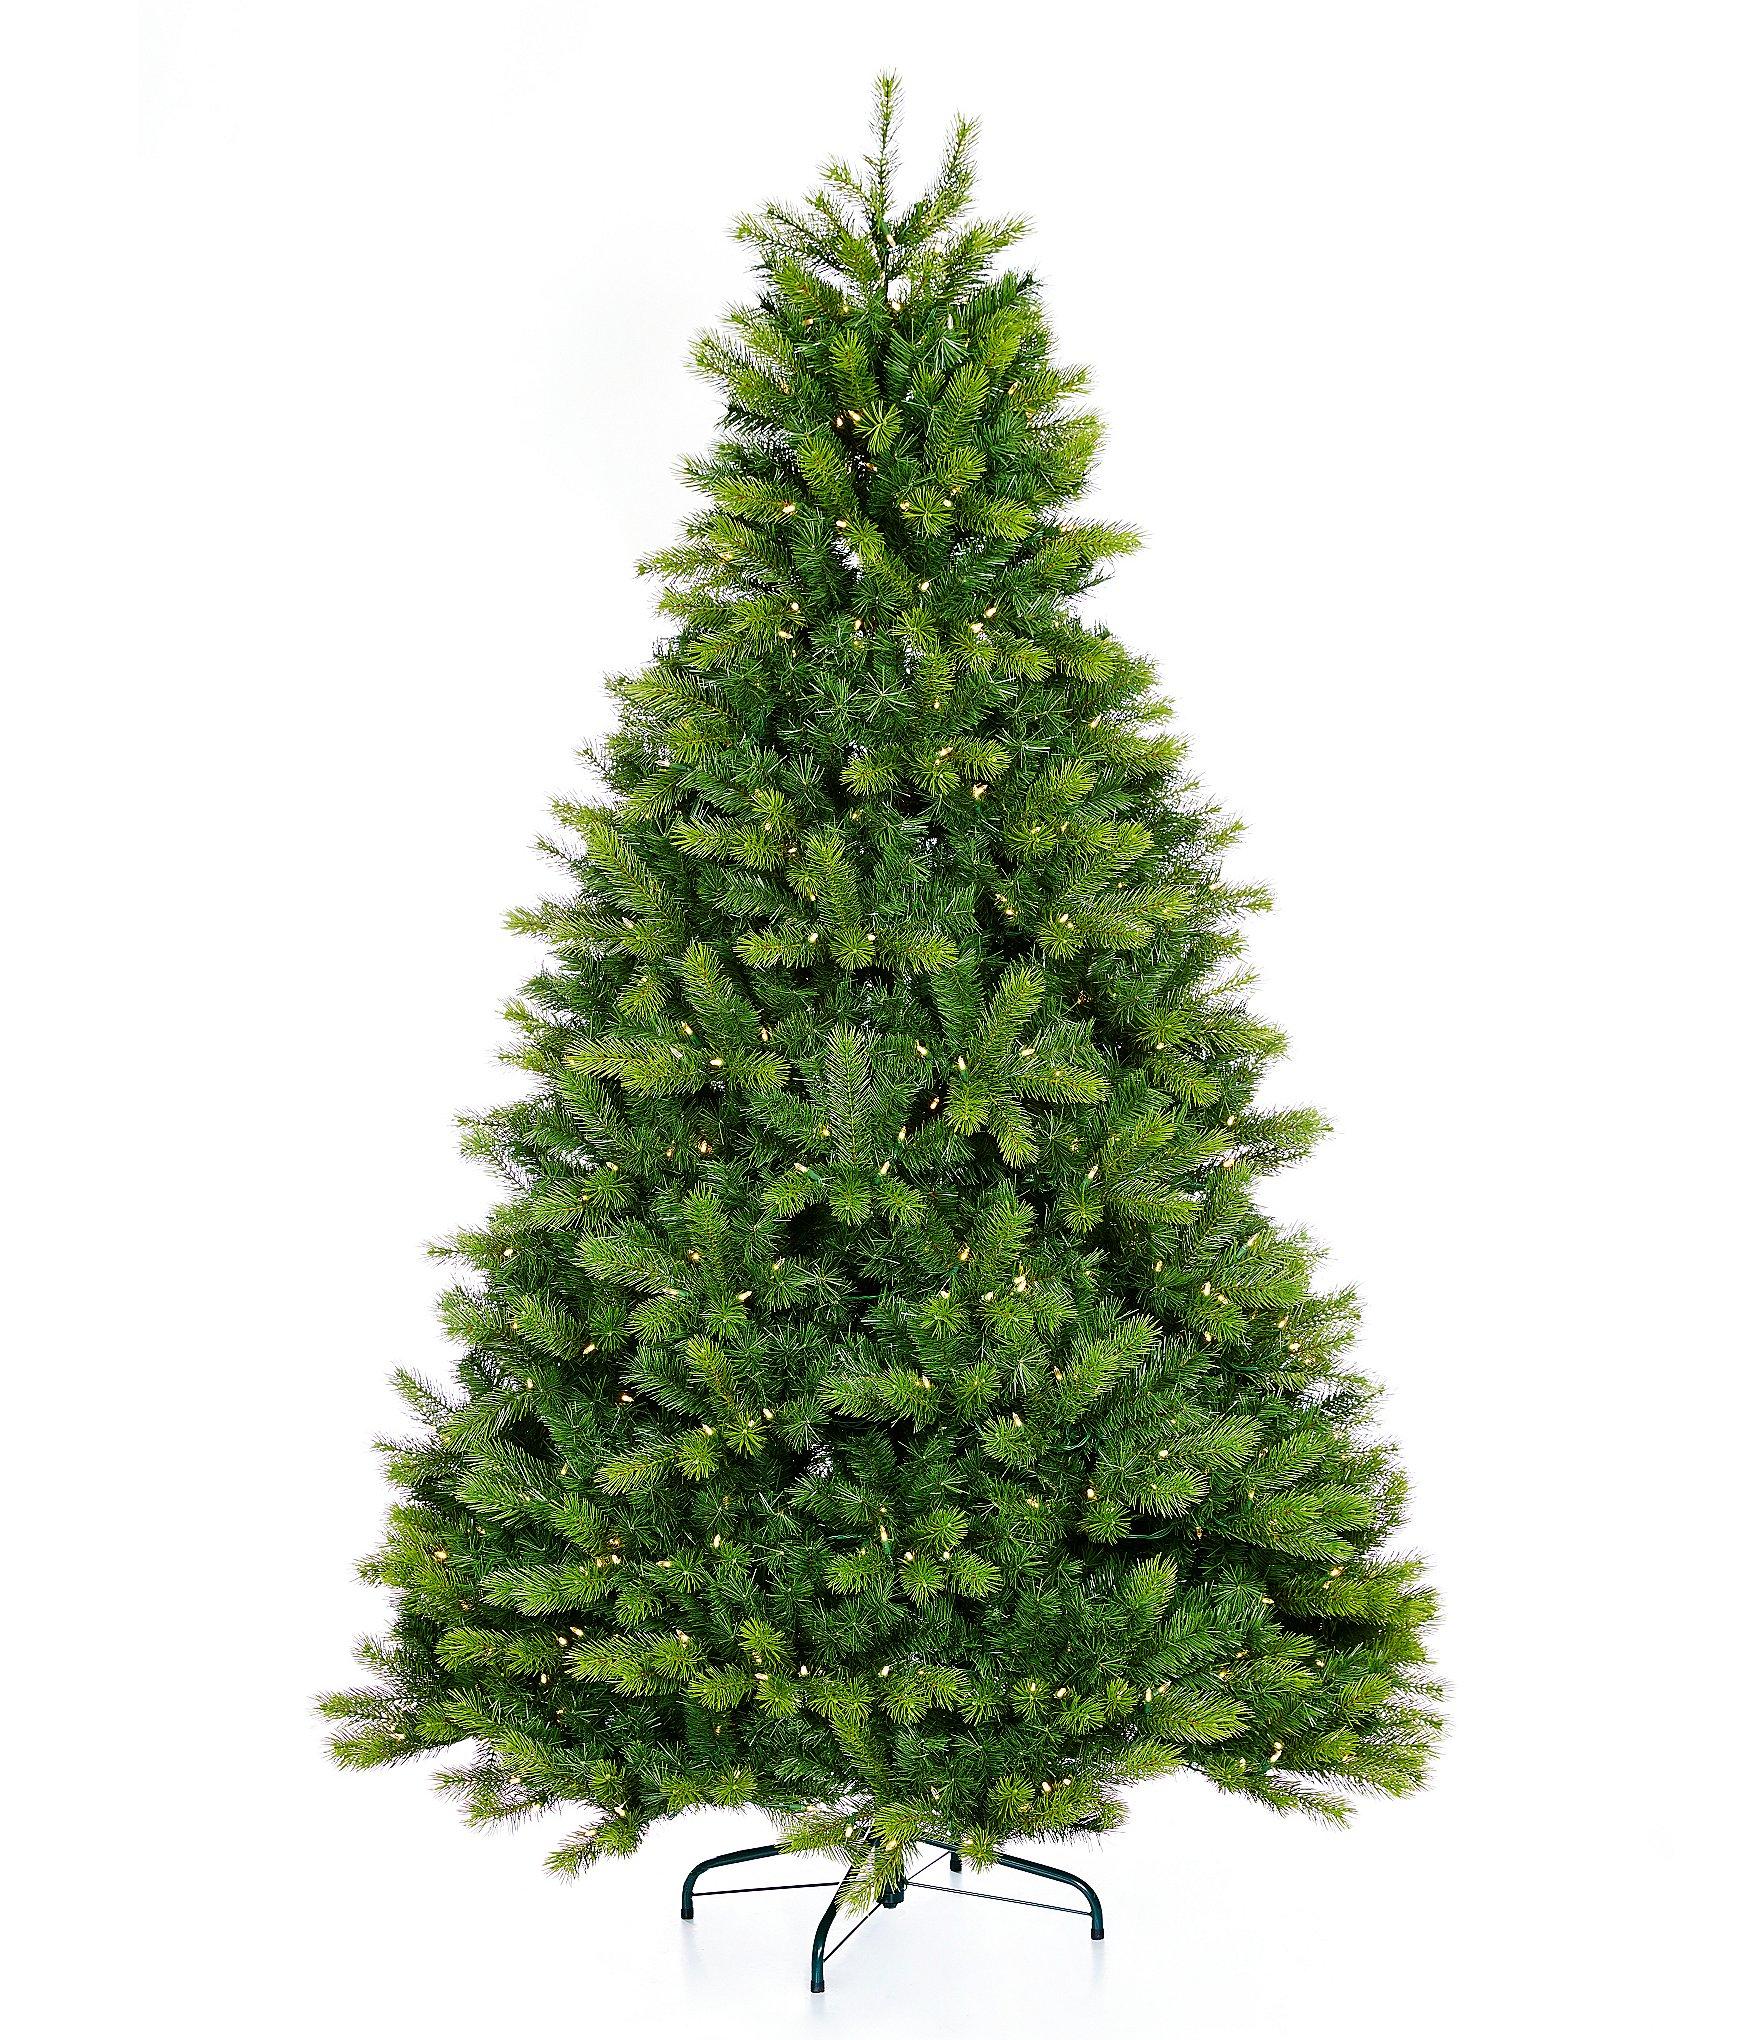 Trimsetter 7 5 Ft Pre Lit Kensington Fir Christmas Tree